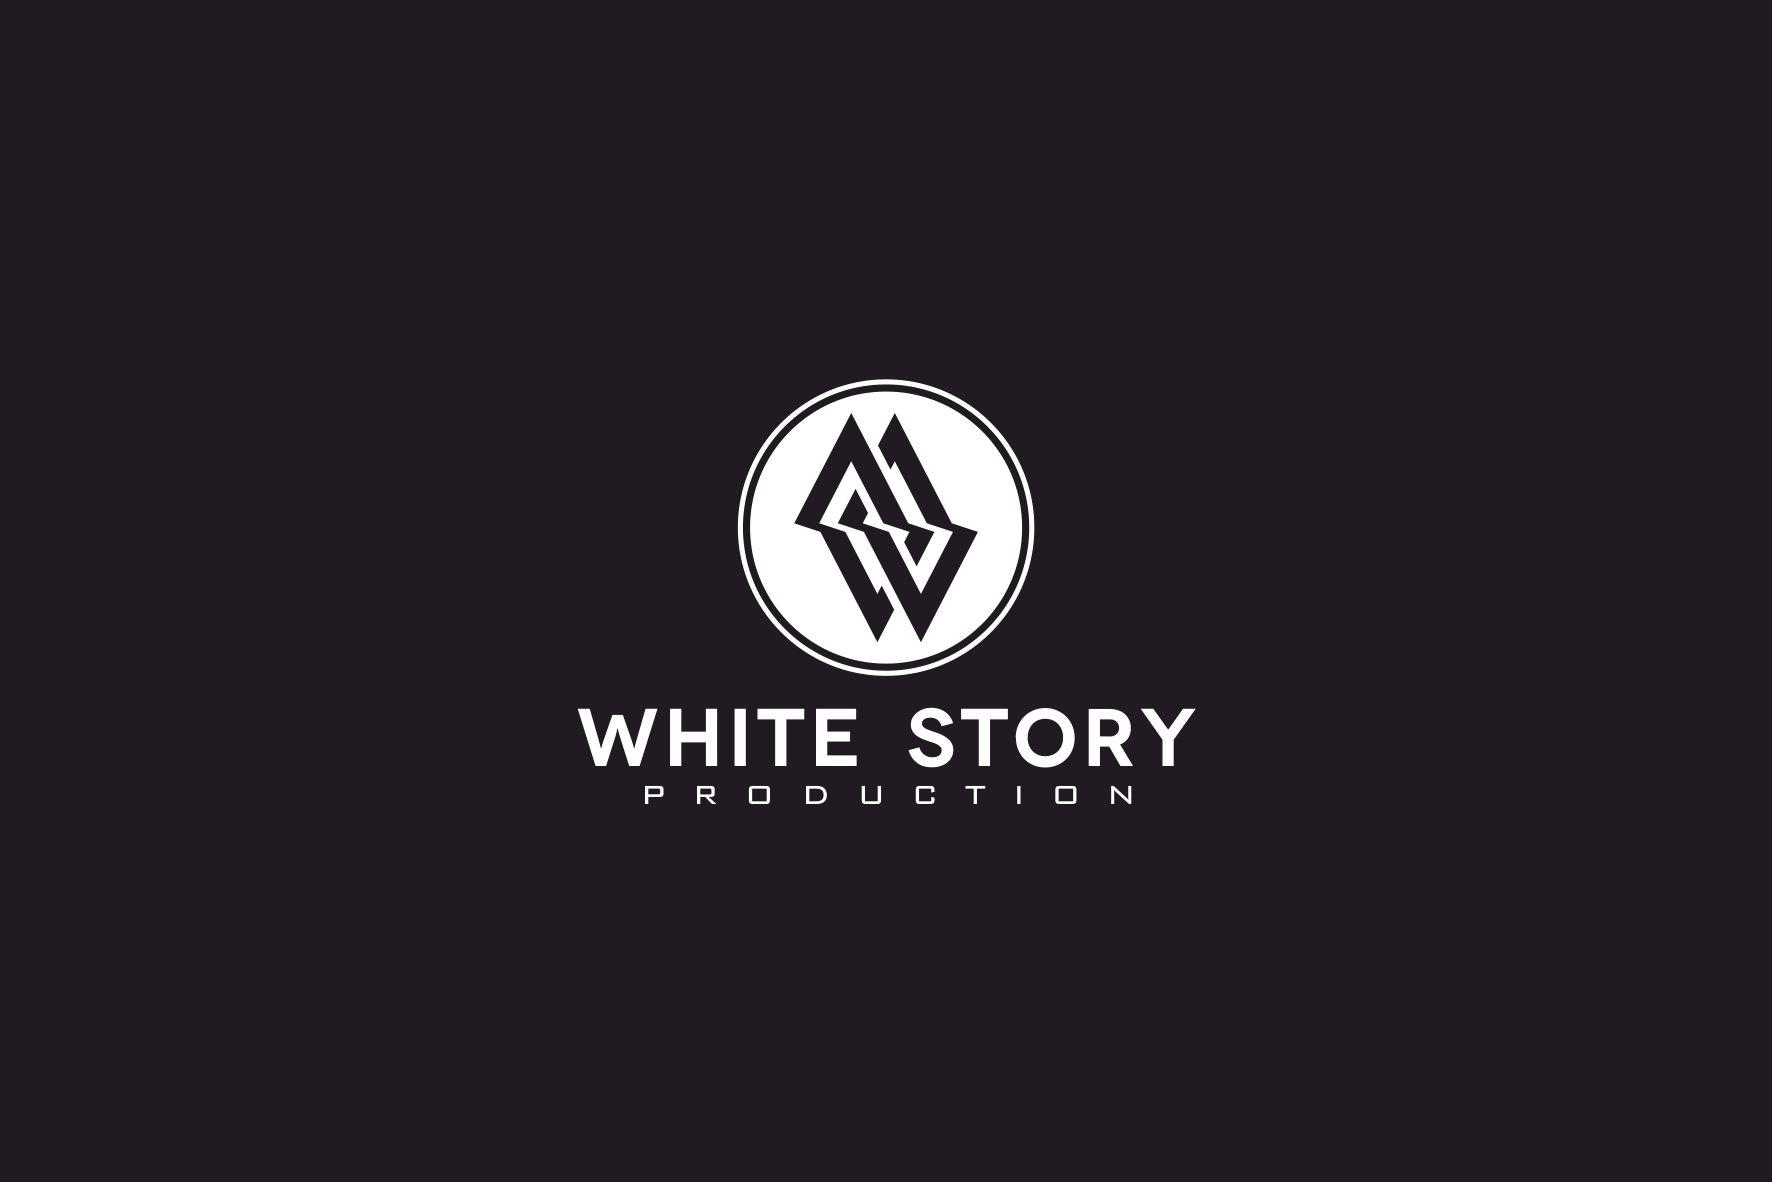 Логотип для Логотип для Фото и Видео продакшена - дизайнер erkin84m